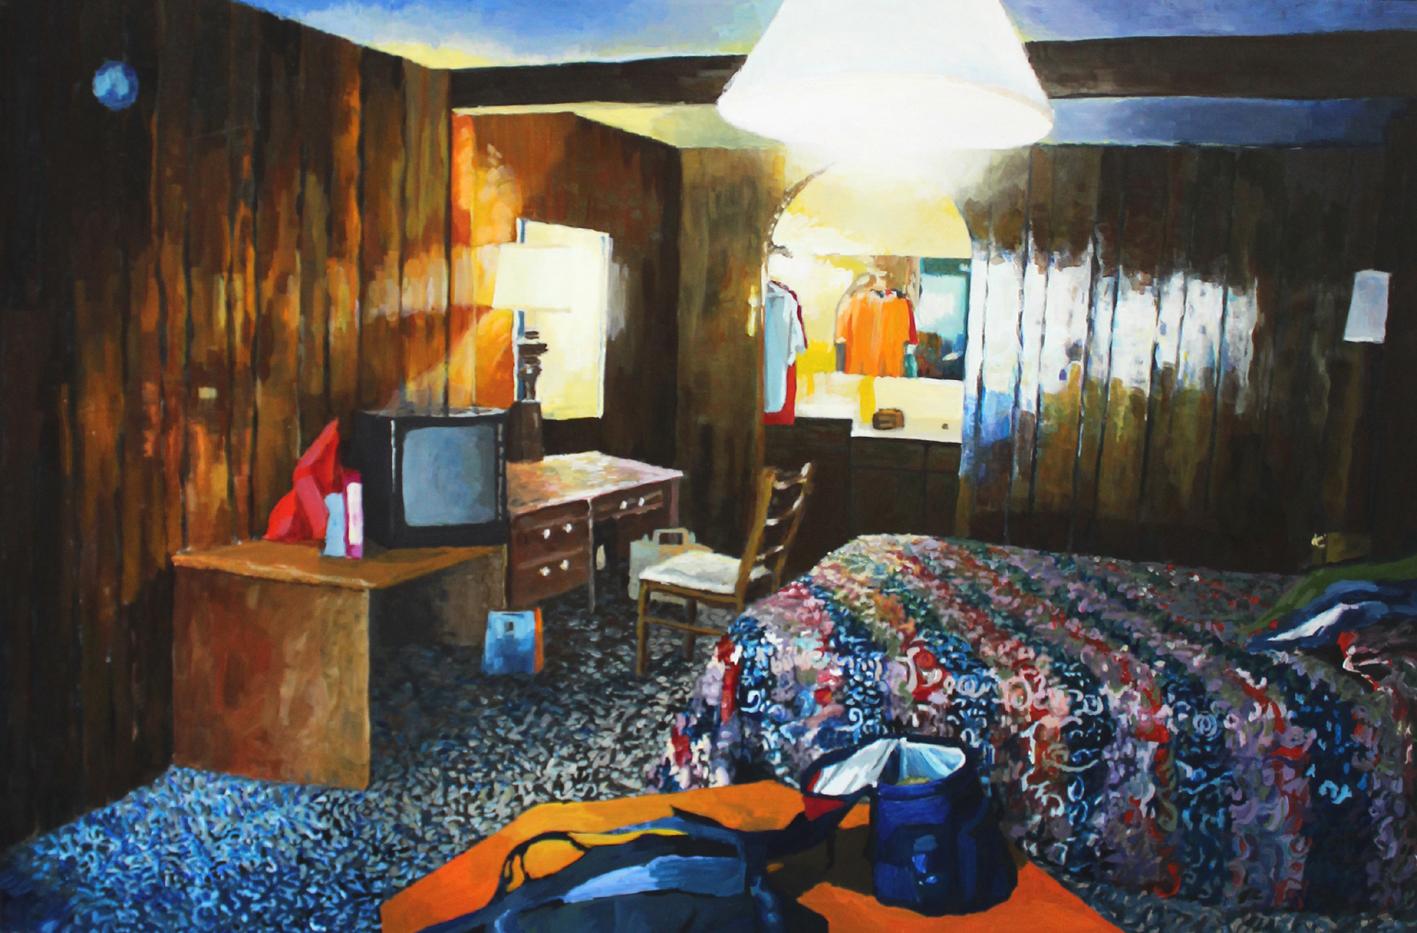 Julie Giraud, Sans titre, peinture acrylique sur papier Fabriano, 90 x 59 cm